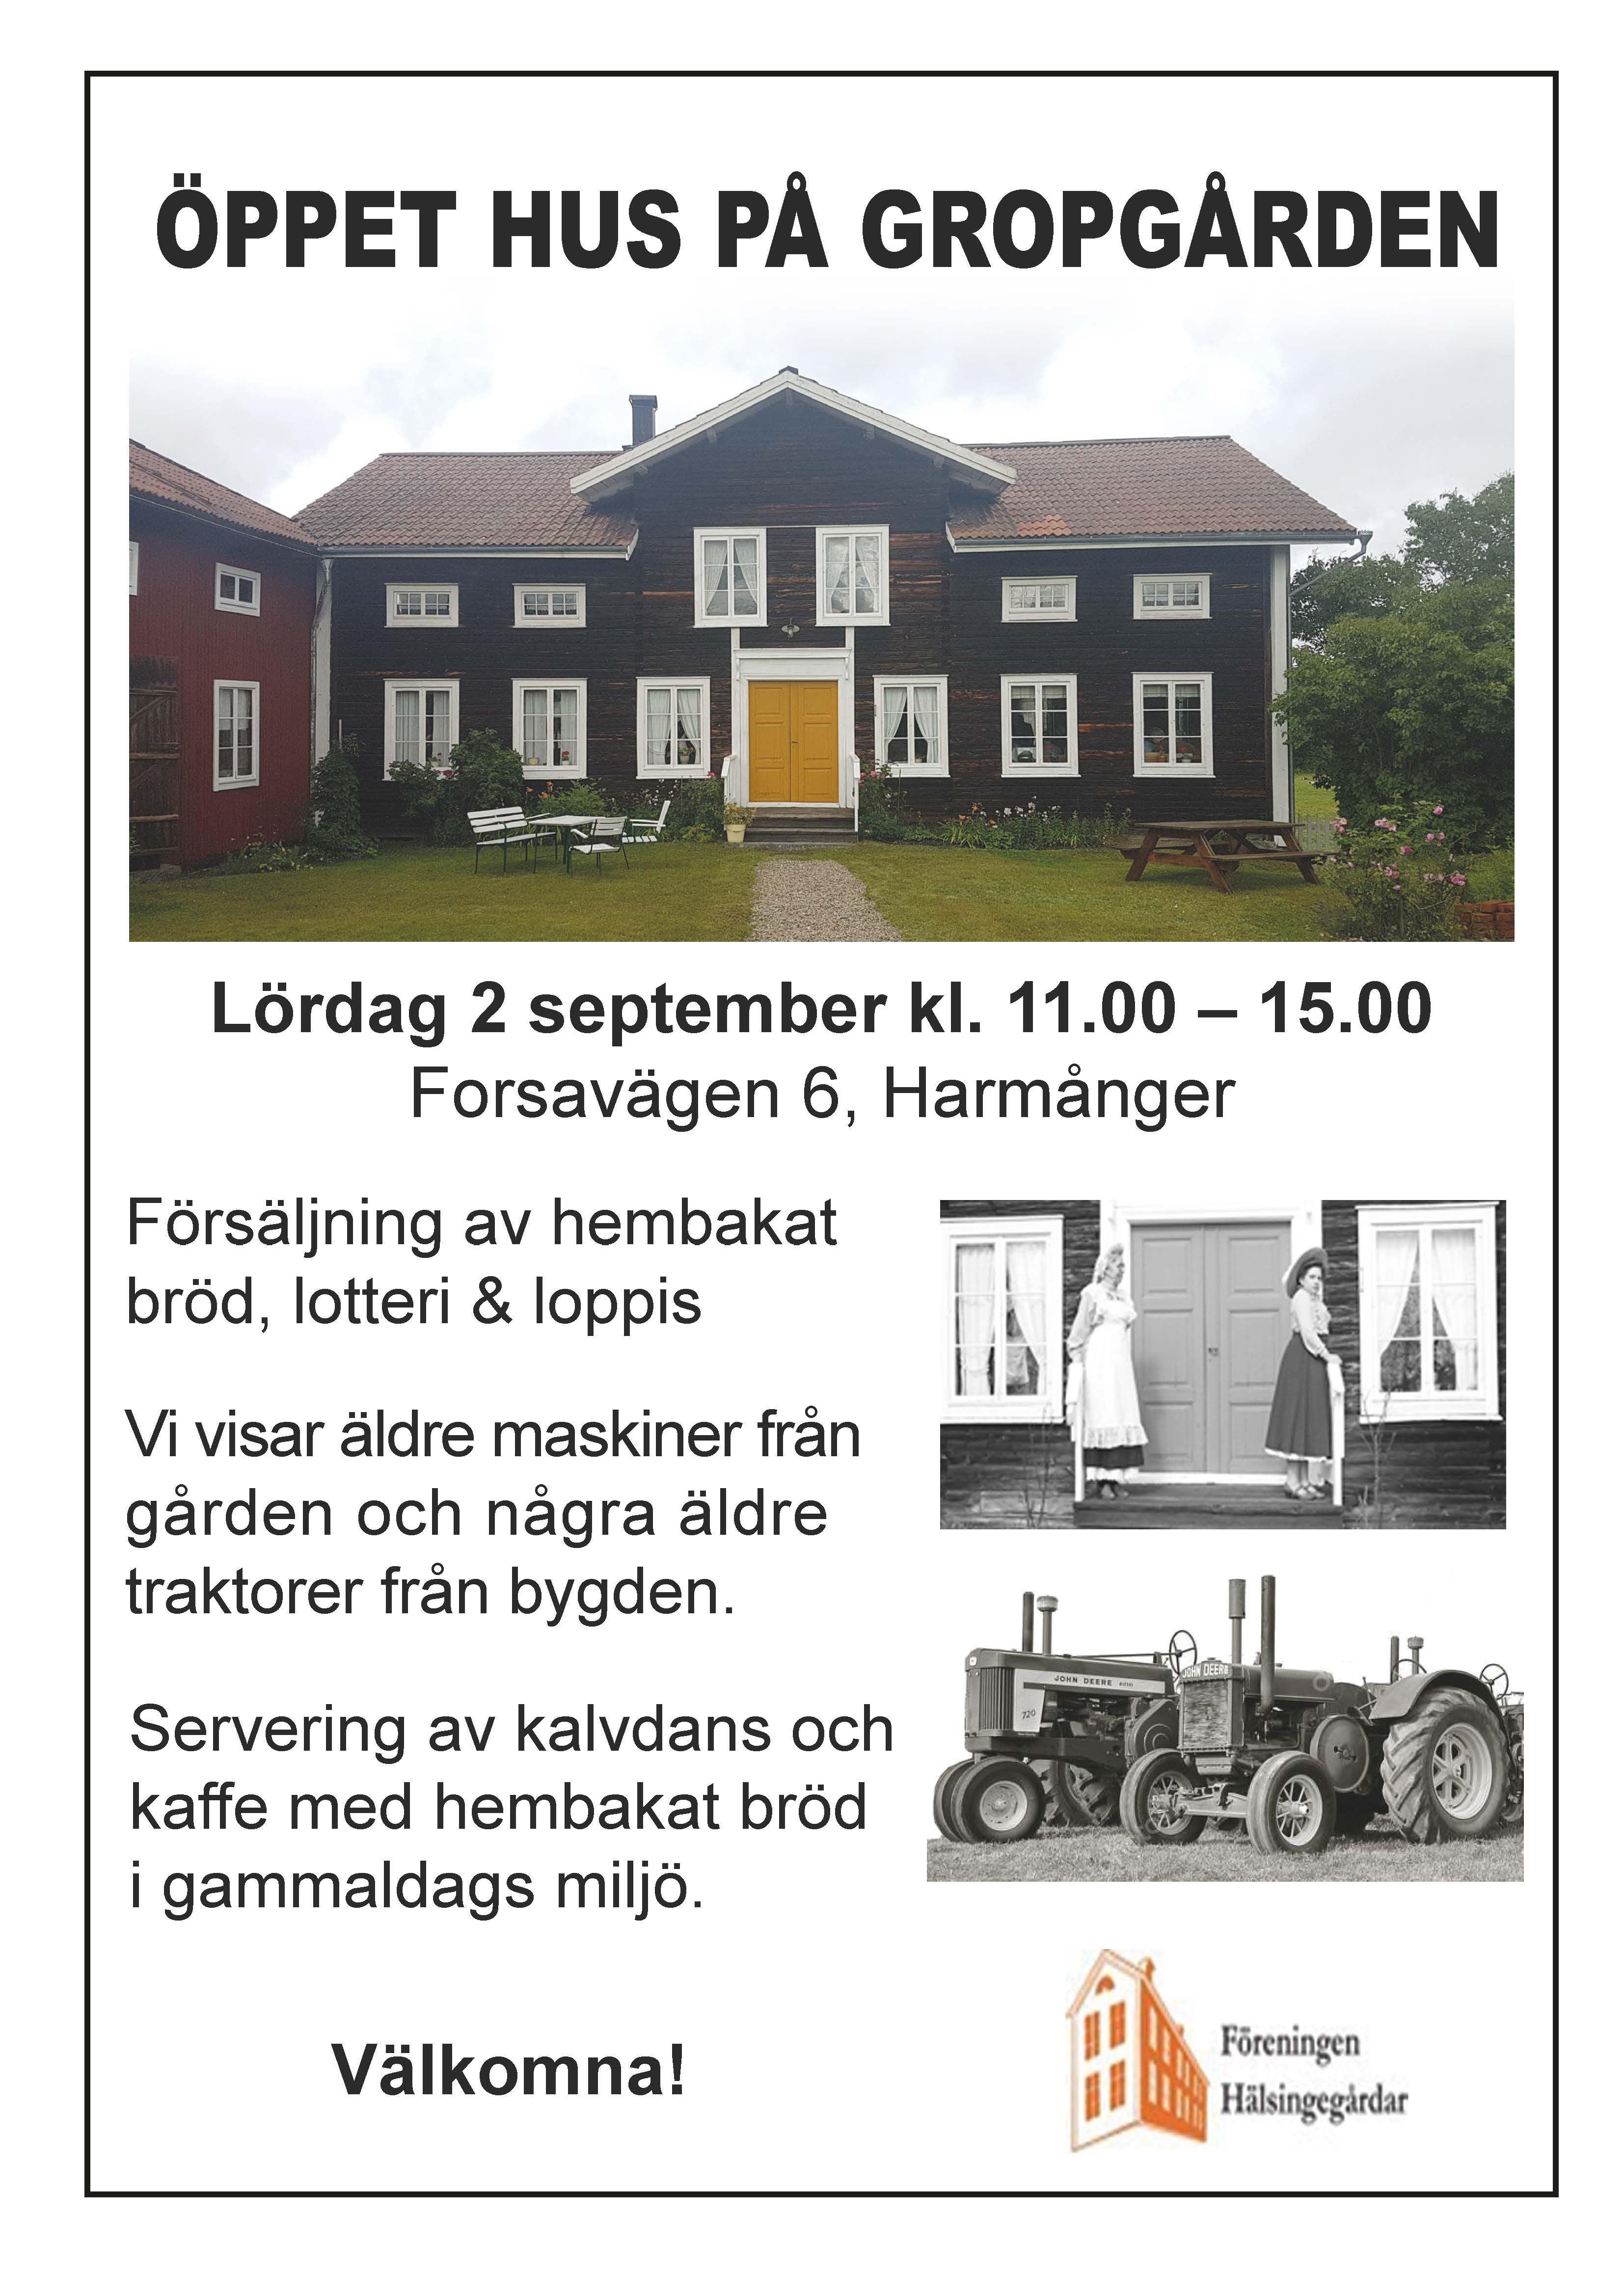 Öppet hus på Gropgården